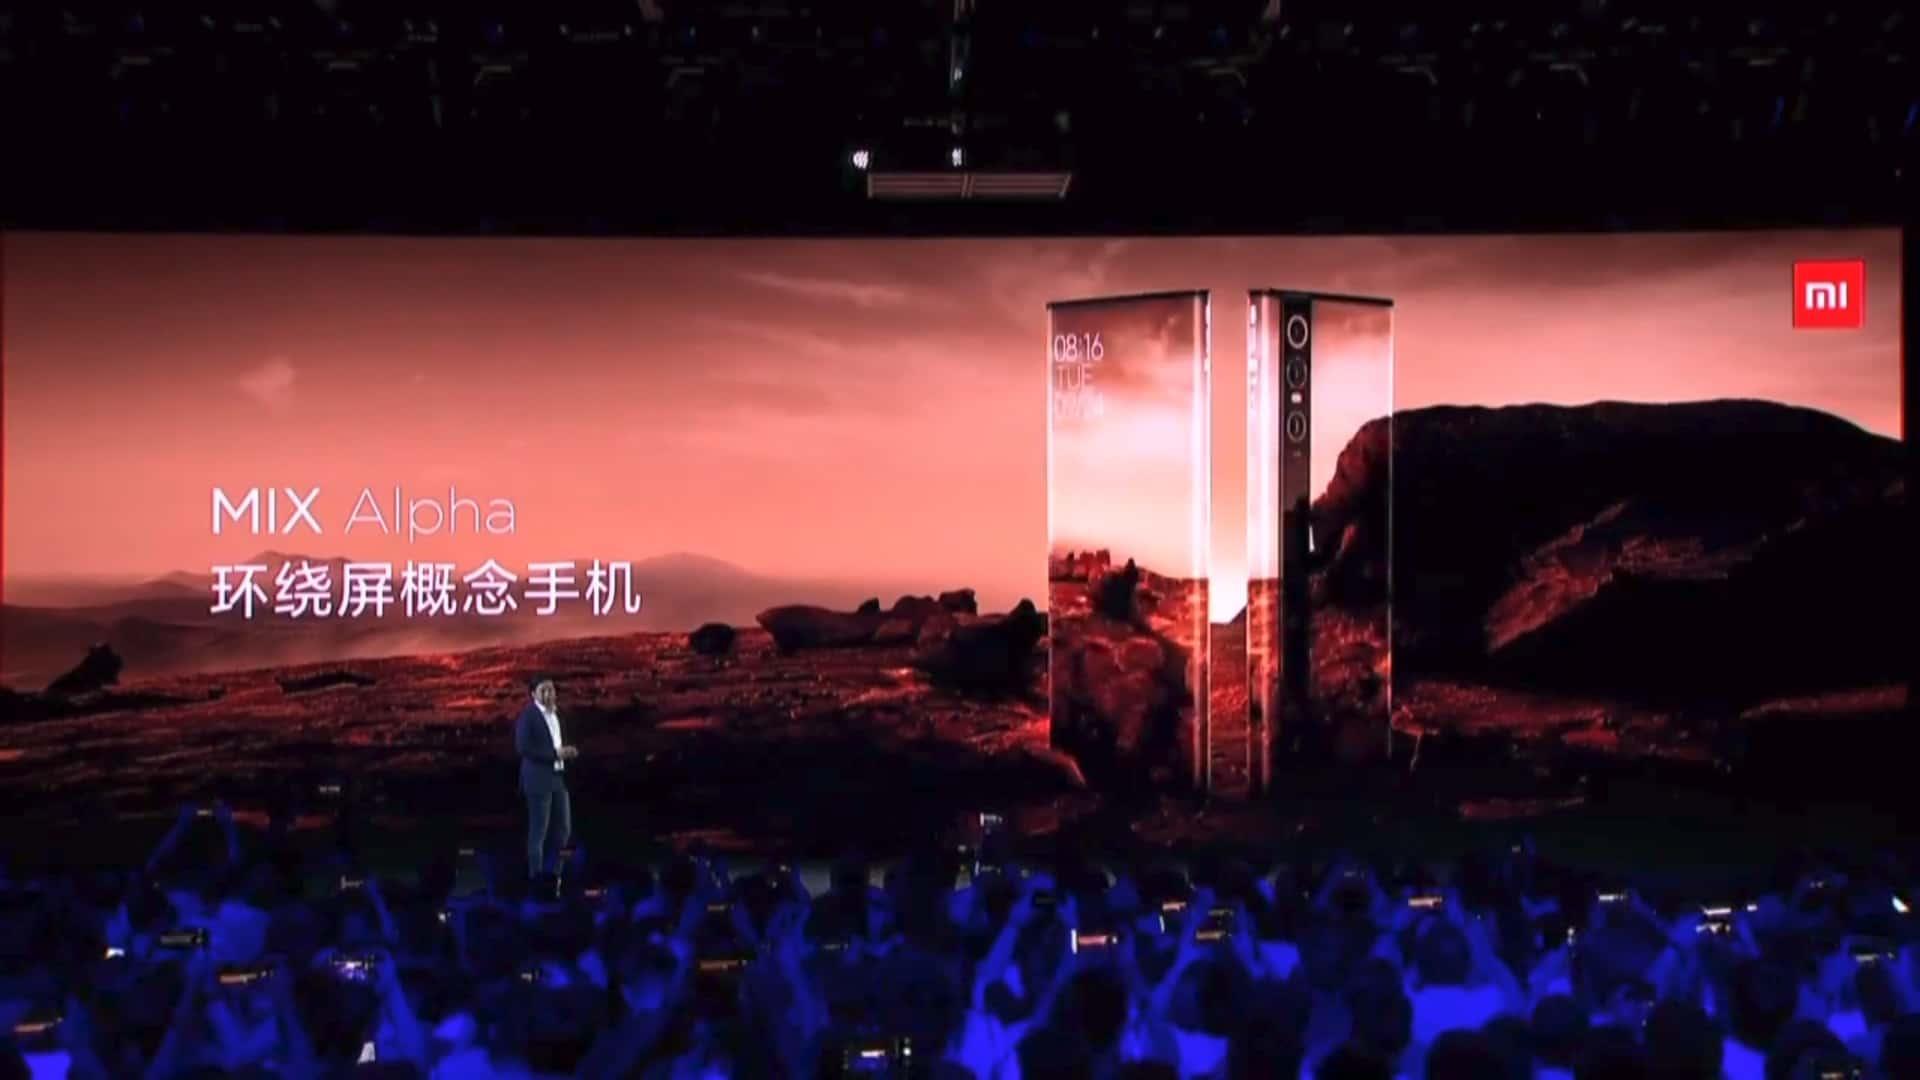 Xiaomi Mi MIX Alpha press conference 5